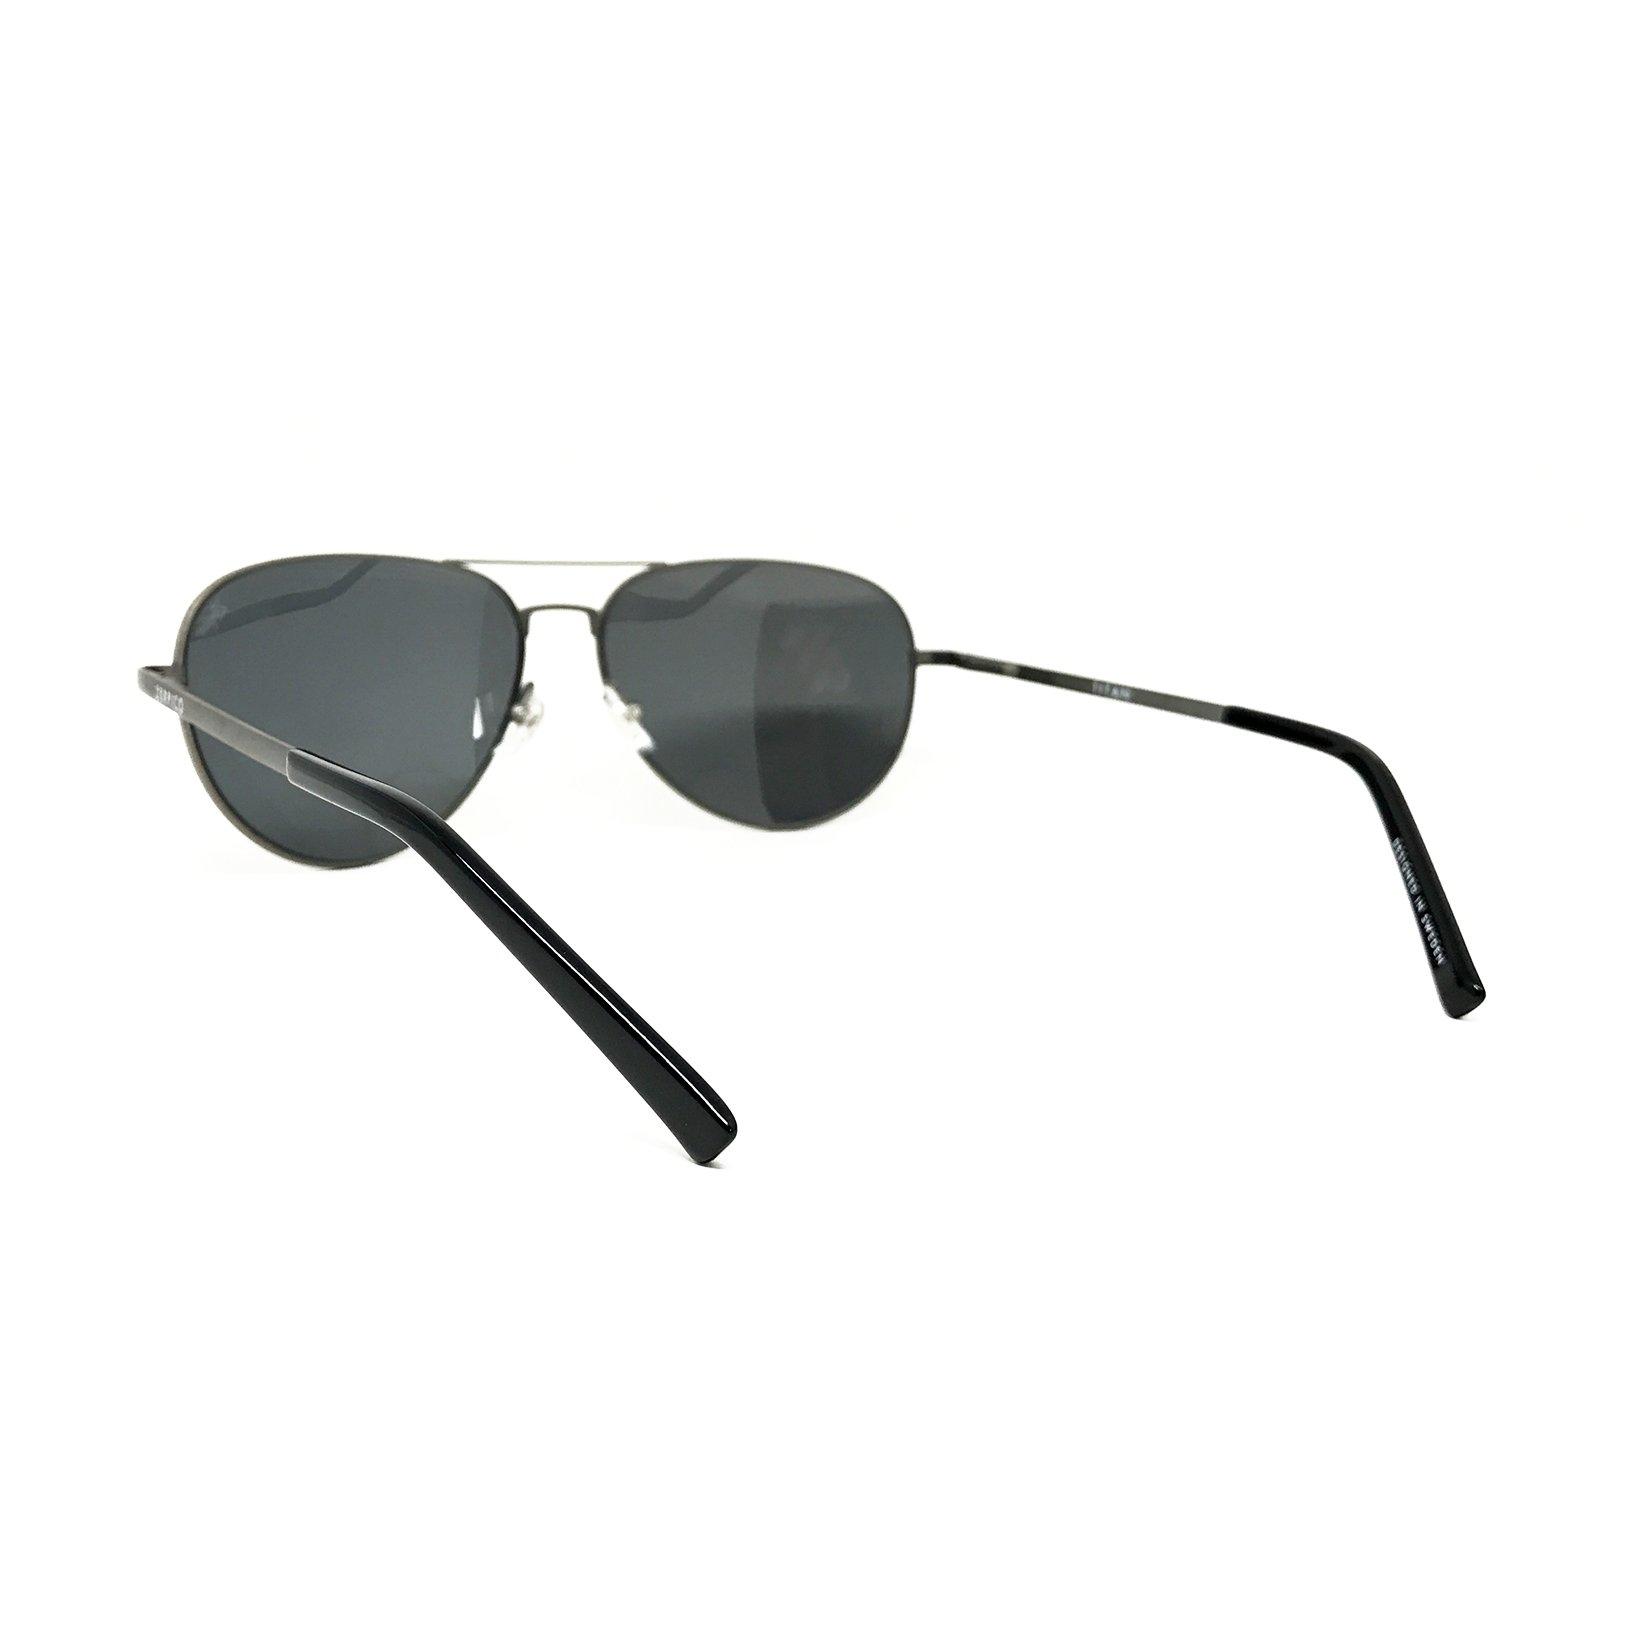 Titanium Aviator Sunglasses - TITAN - Gun Metal – Zerpico